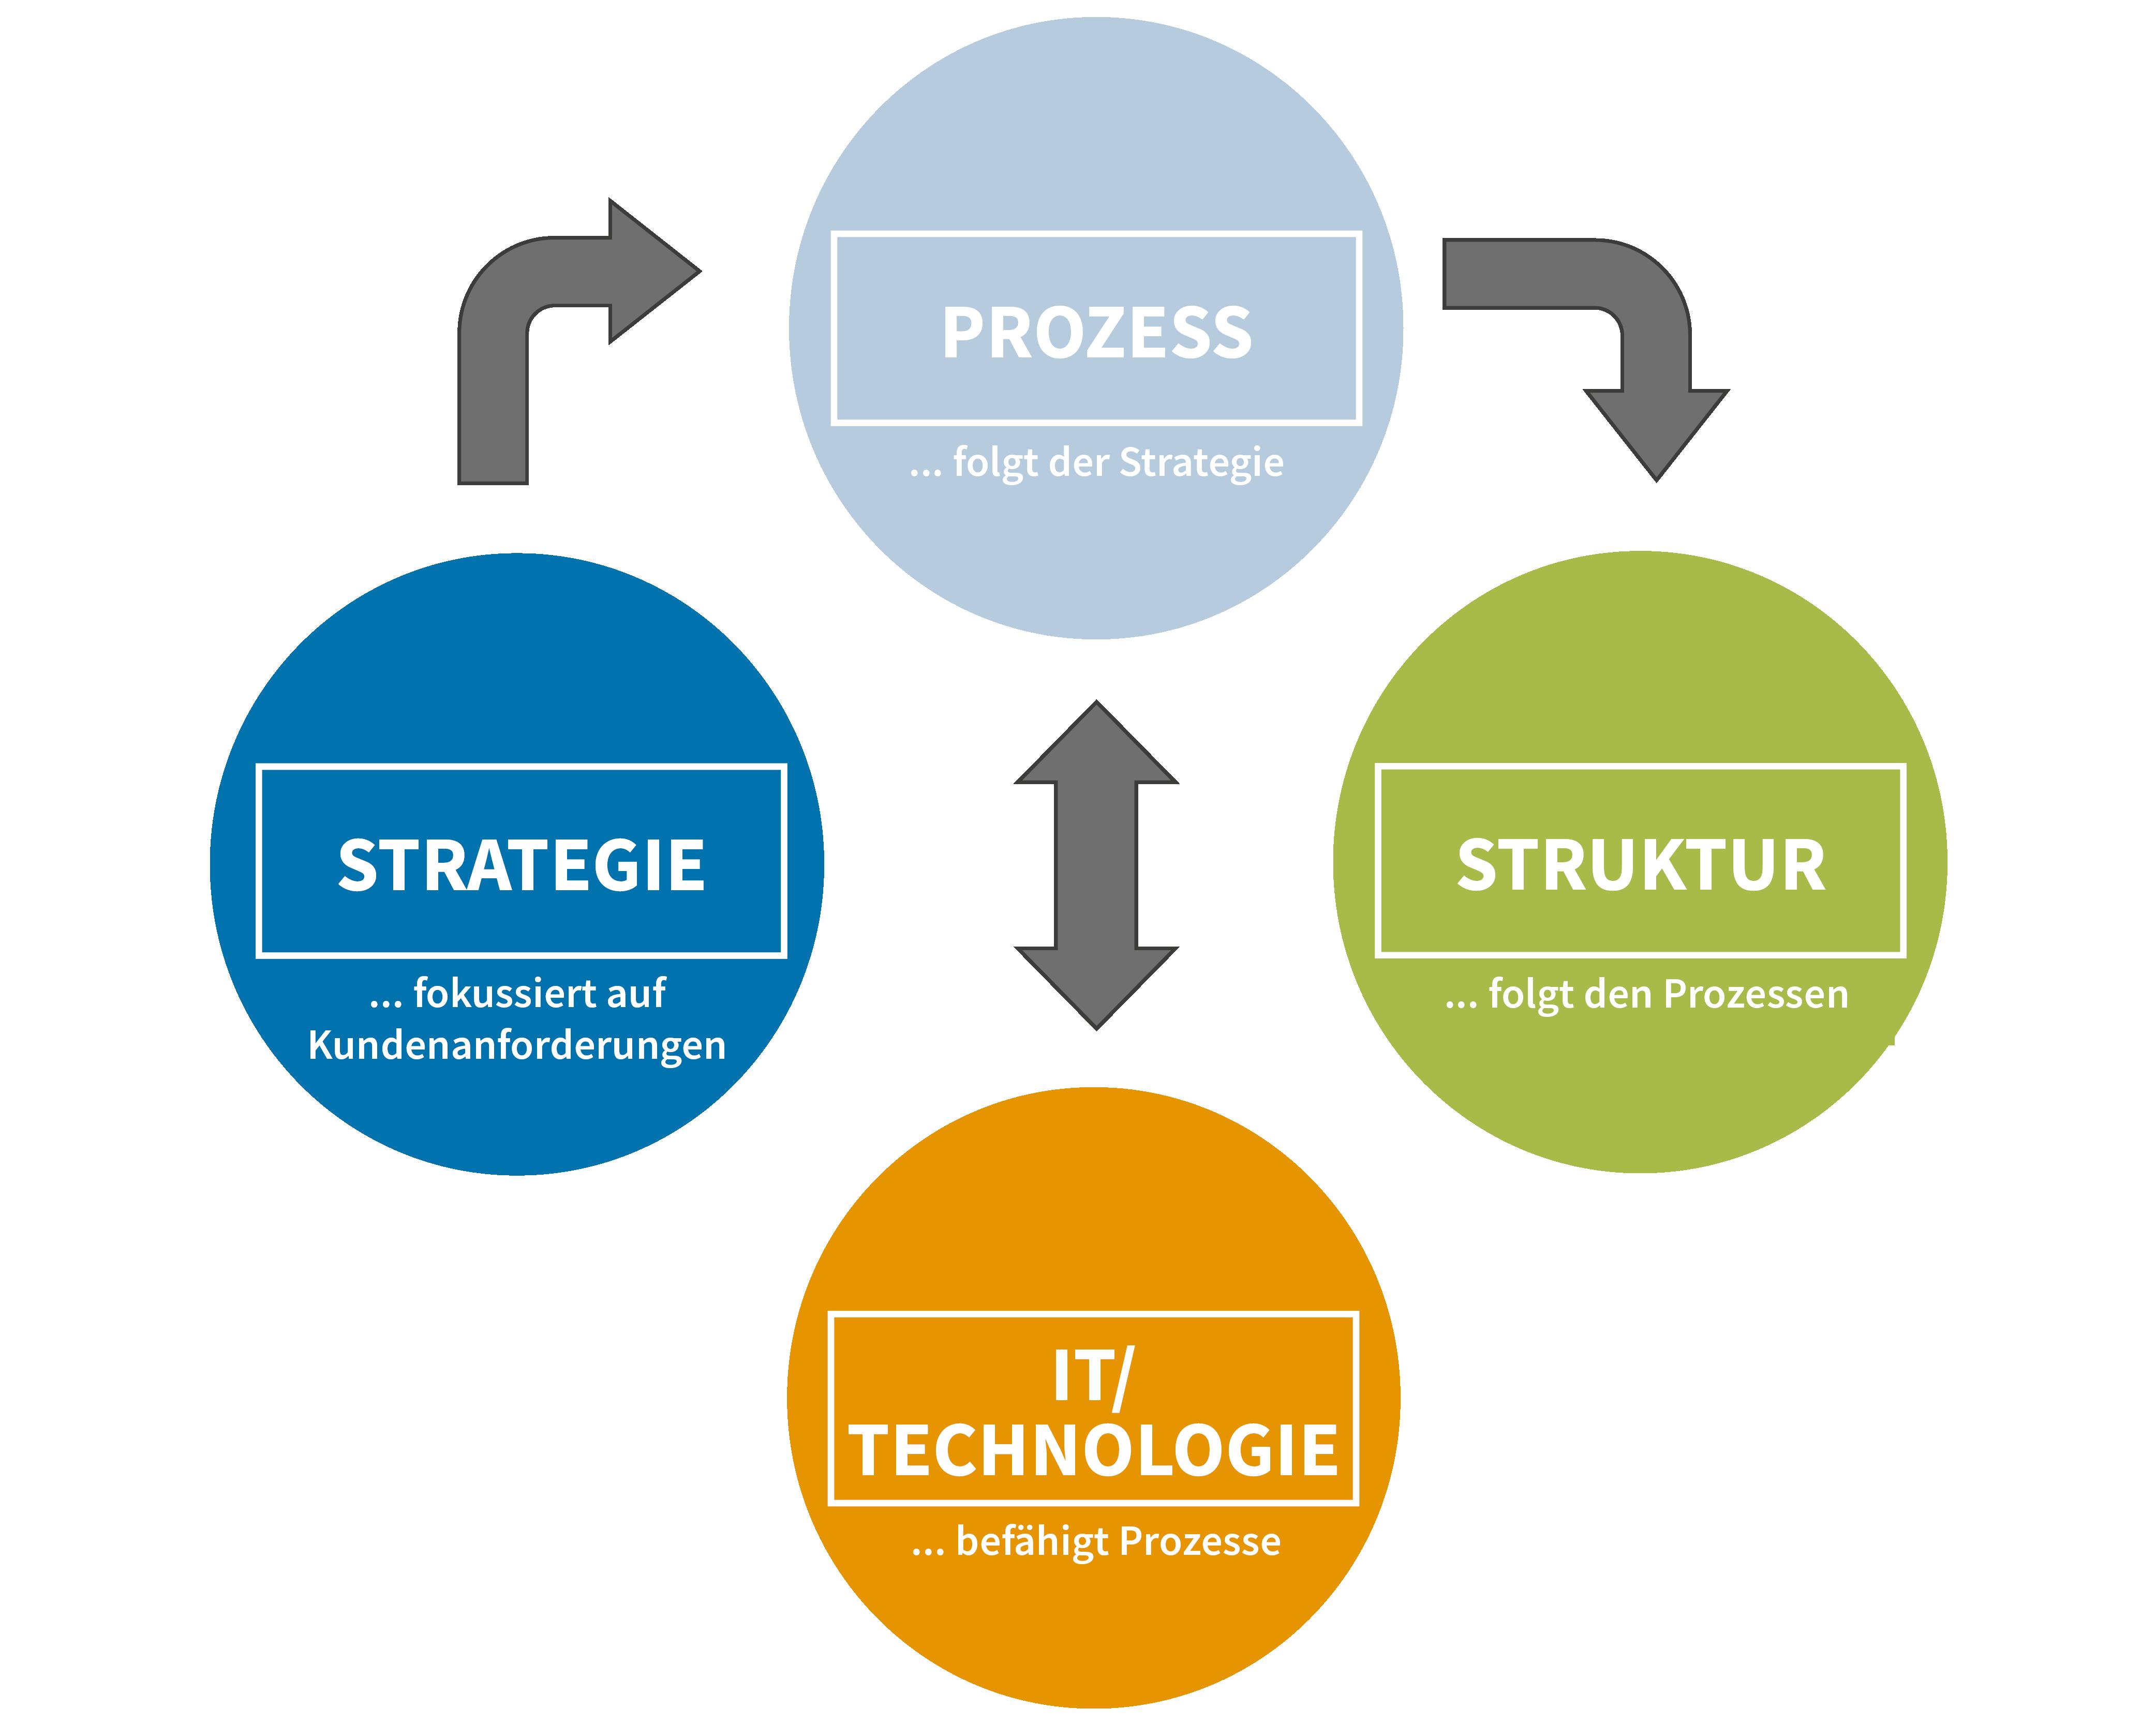 Leitprinzipien der prozessorientierten Organisation